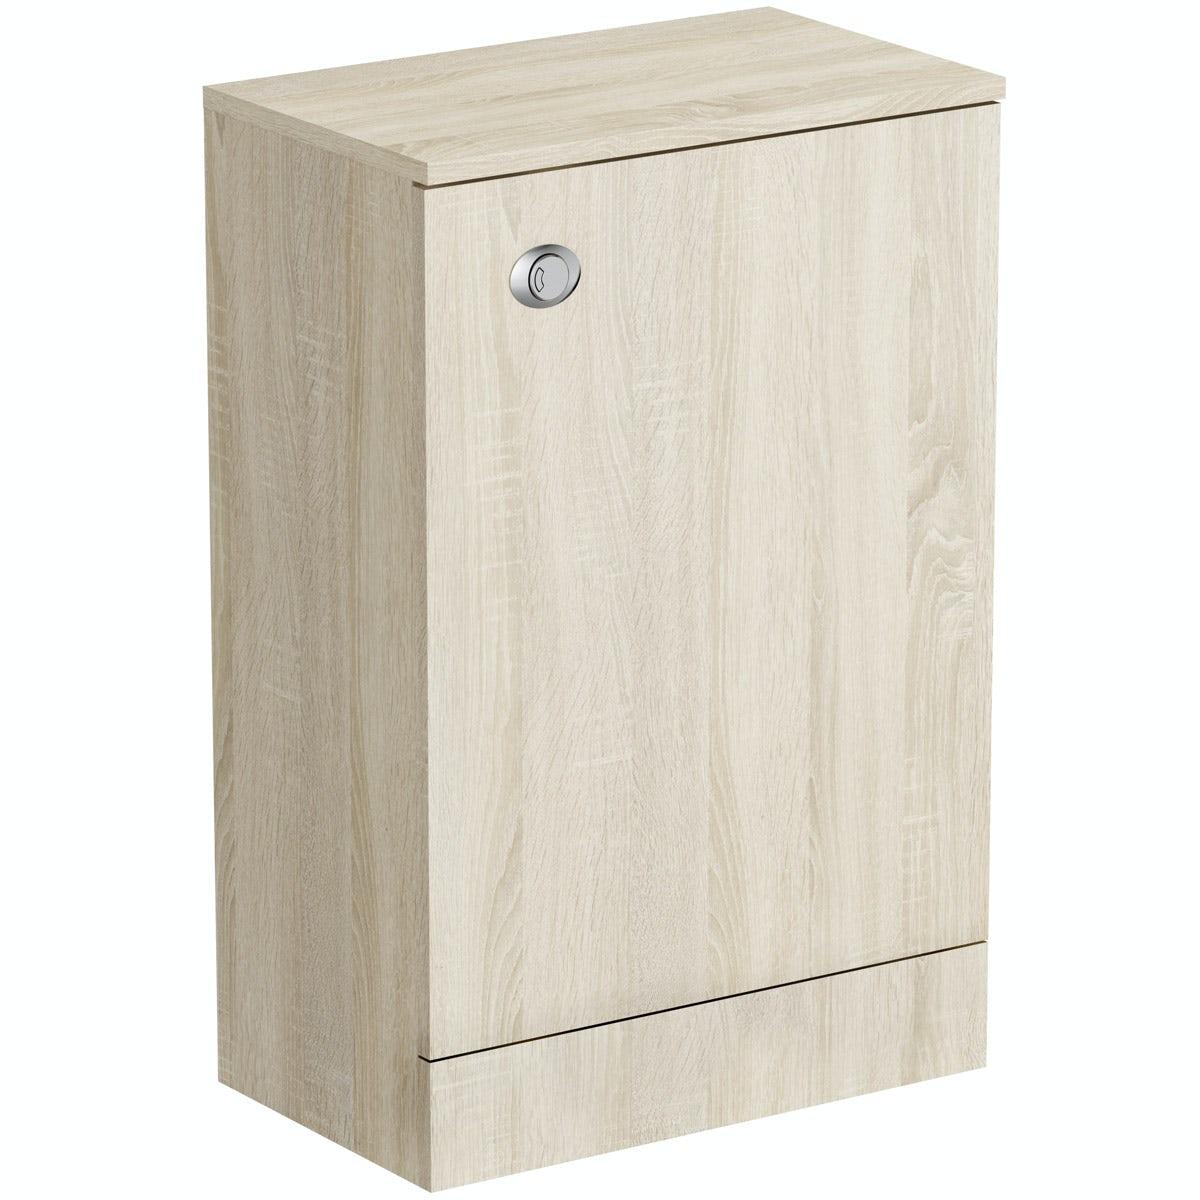 Wye oak back to wall toilet unit